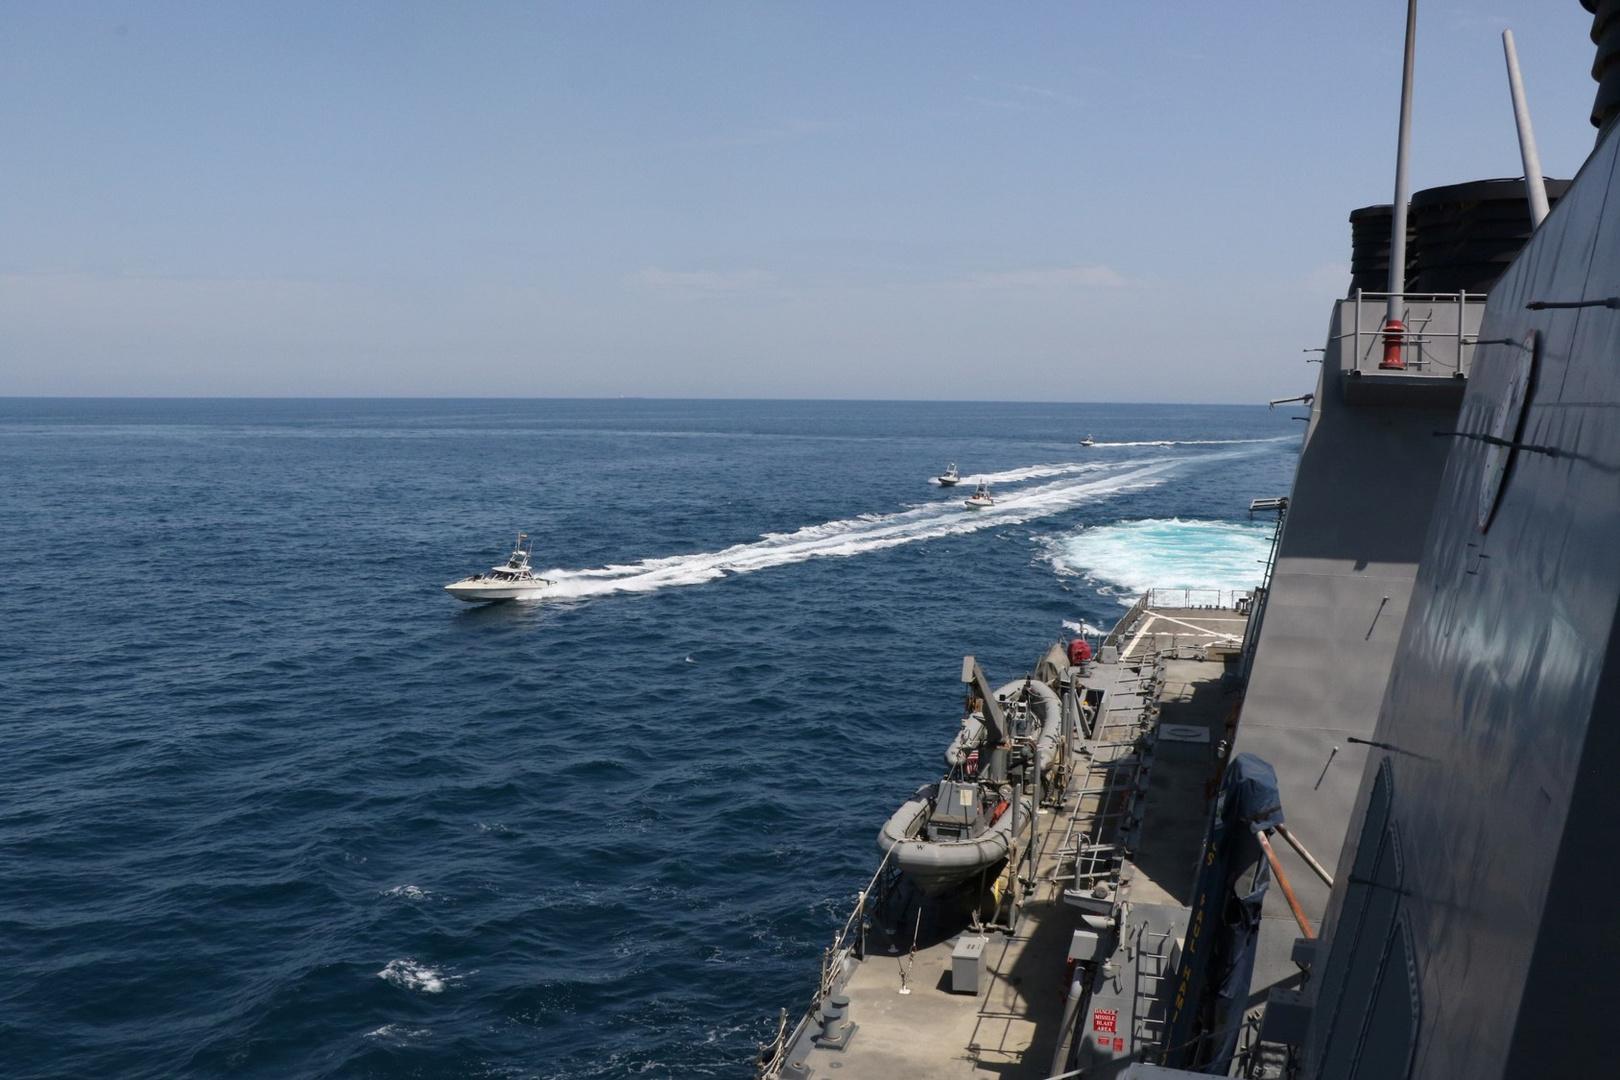 أربع سفن تابعة للبحرية التابعة للحرس الثوري الإسلامي الإيراني بالقرب من القوات البحرية الأمريكية في الخليج